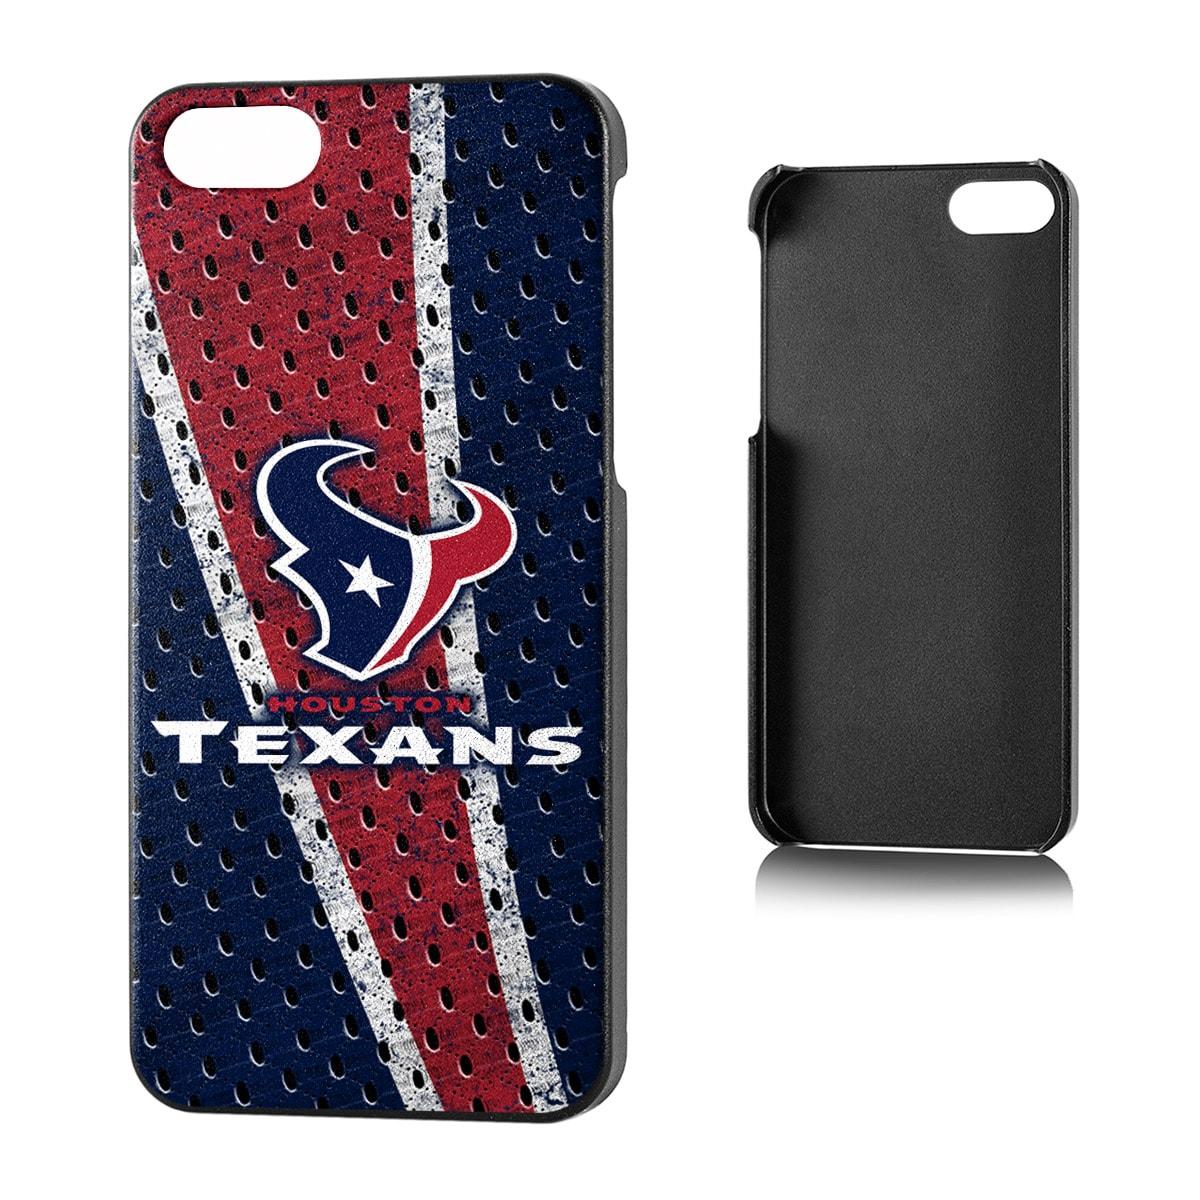 Houston Texans iPhone 5 Hard Case -